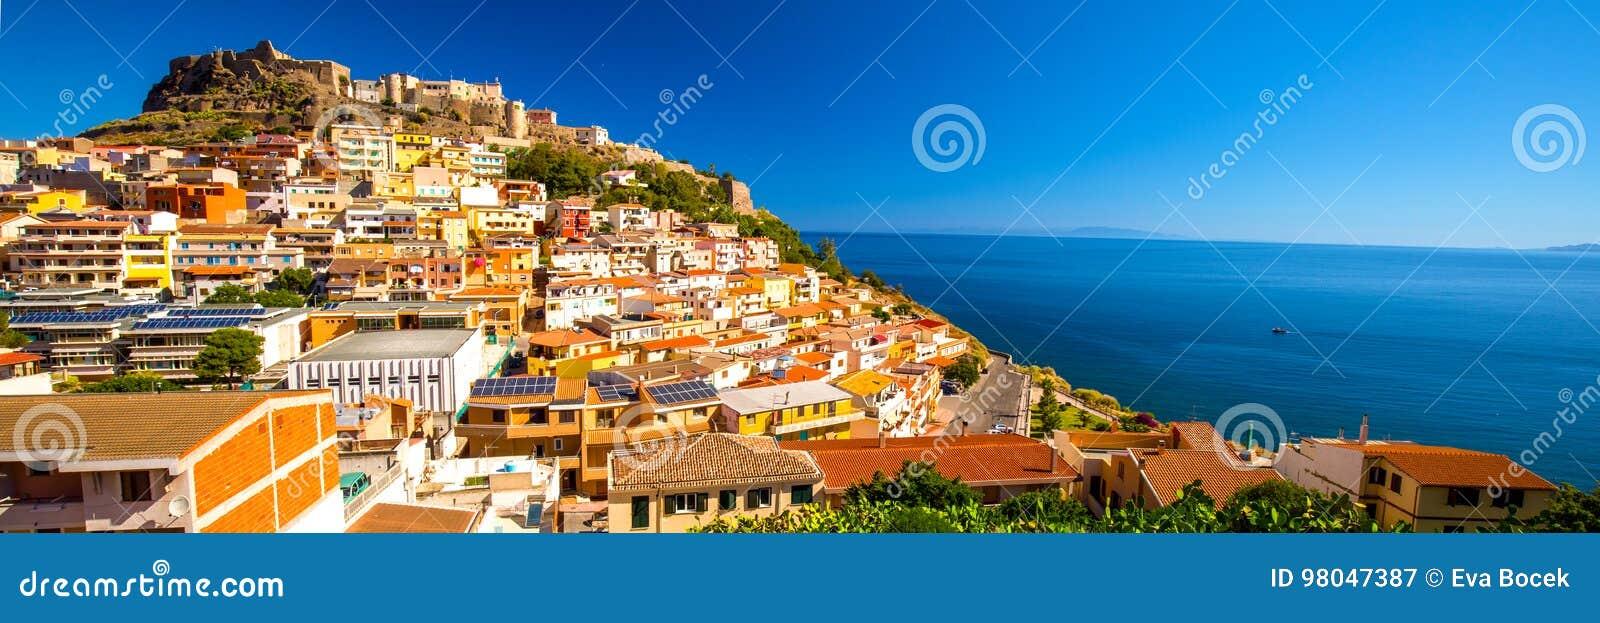 Castel y casas coloridas en la ciudad de Castelsardo, Cerdeña, Italia